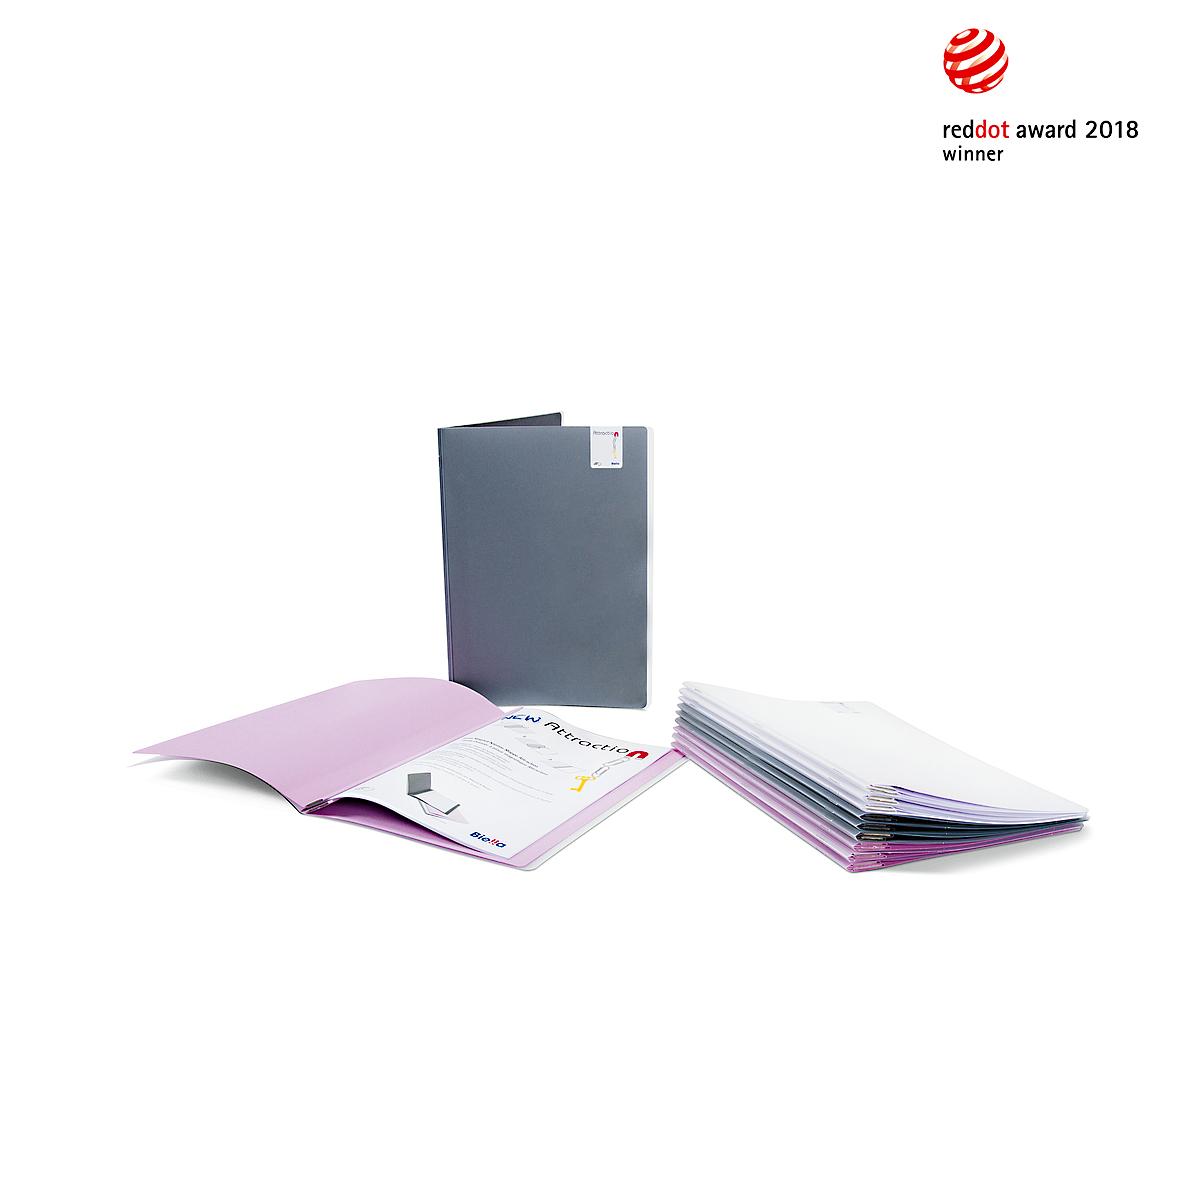 Magnet Klemm Mappe von Biella Red Dot Winner 2018